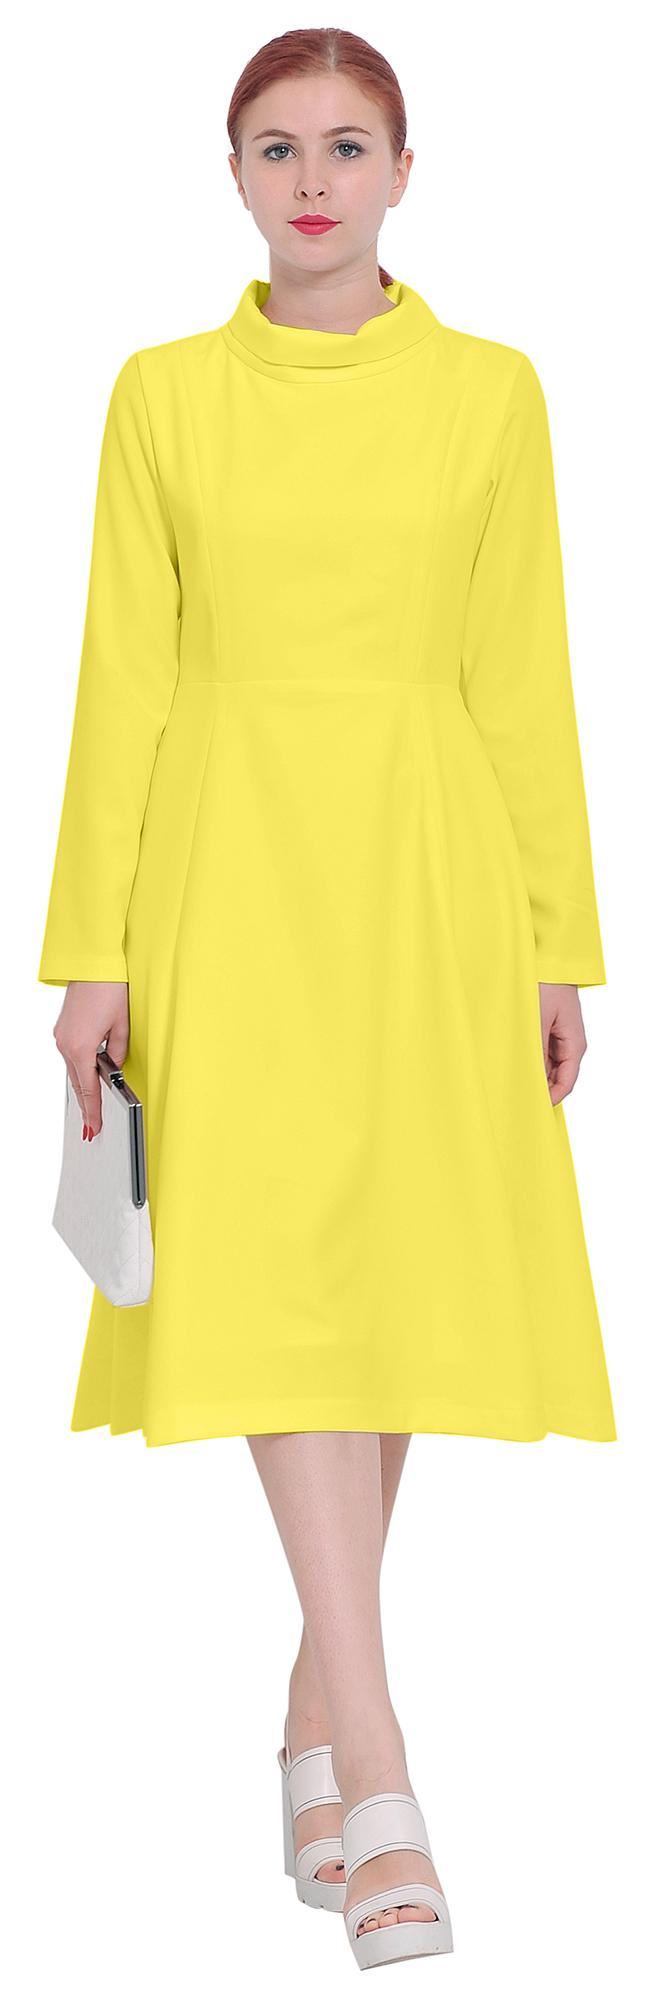 Polo Neck Midi Dress